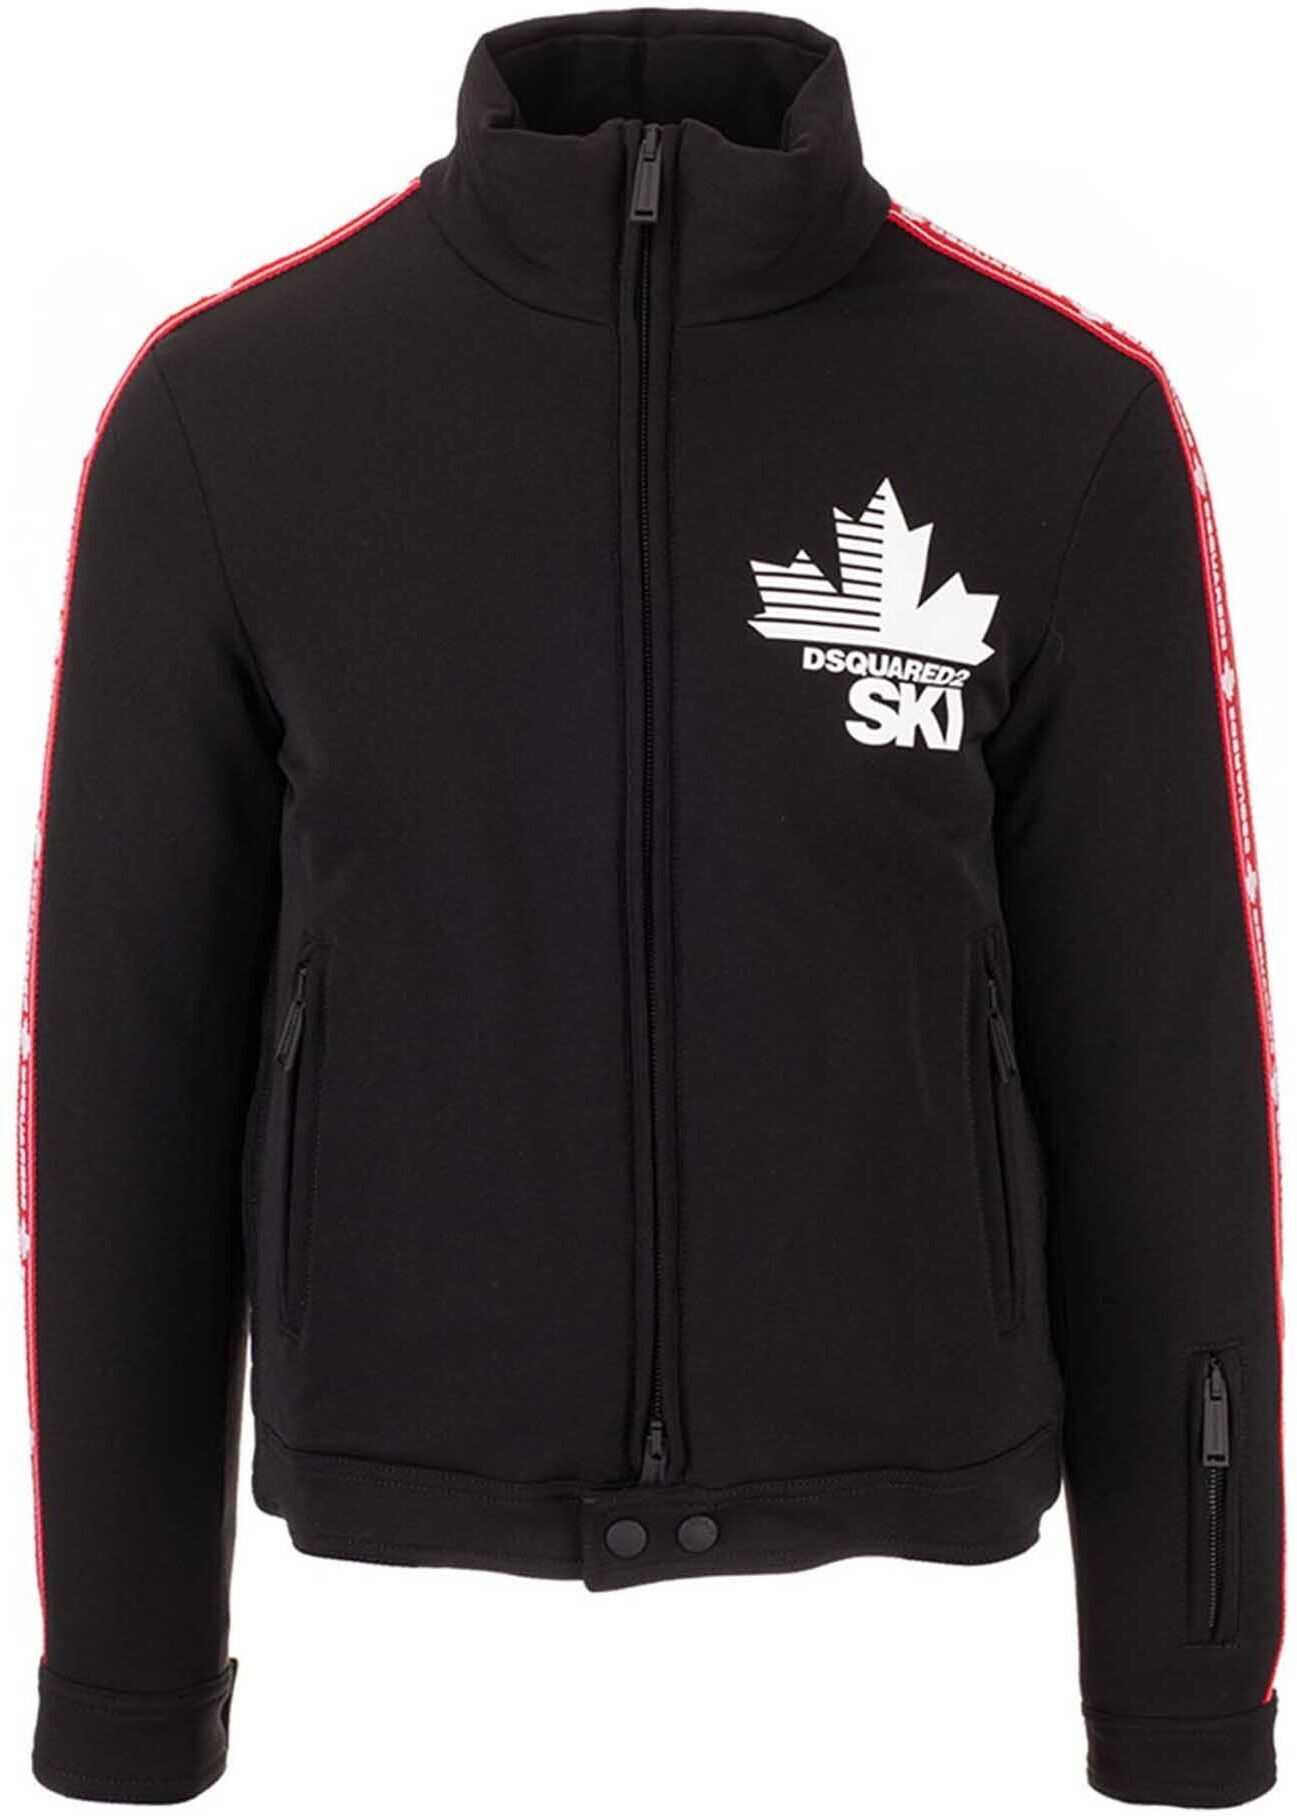 DSQUARED2 Padded Ski Jacket In Black Black imagine